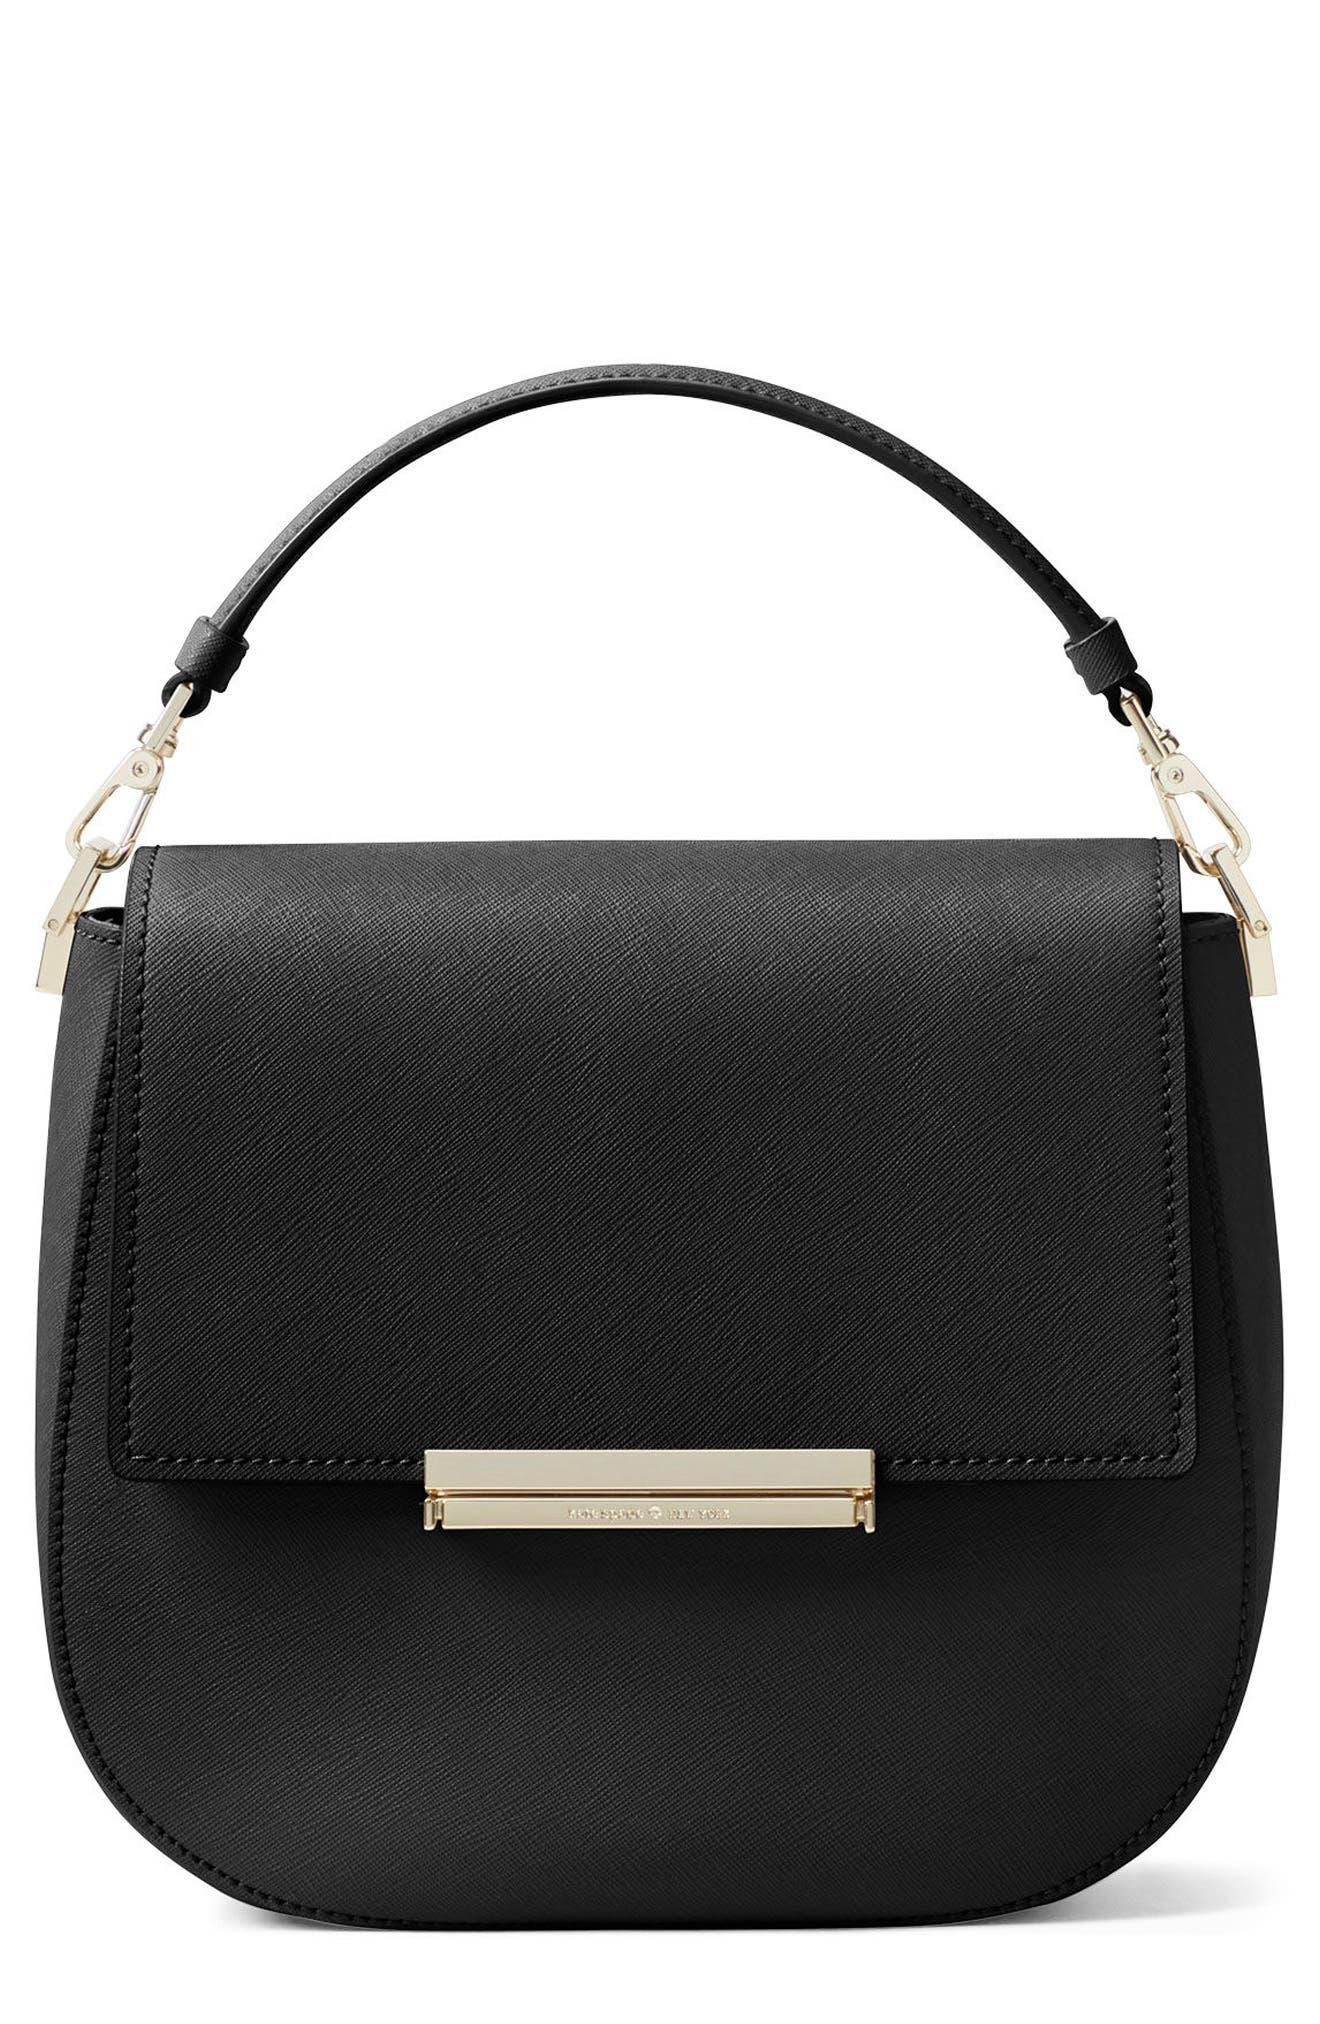 make it mine - byrdie leather saddle bag,                         Main,                         color, Black